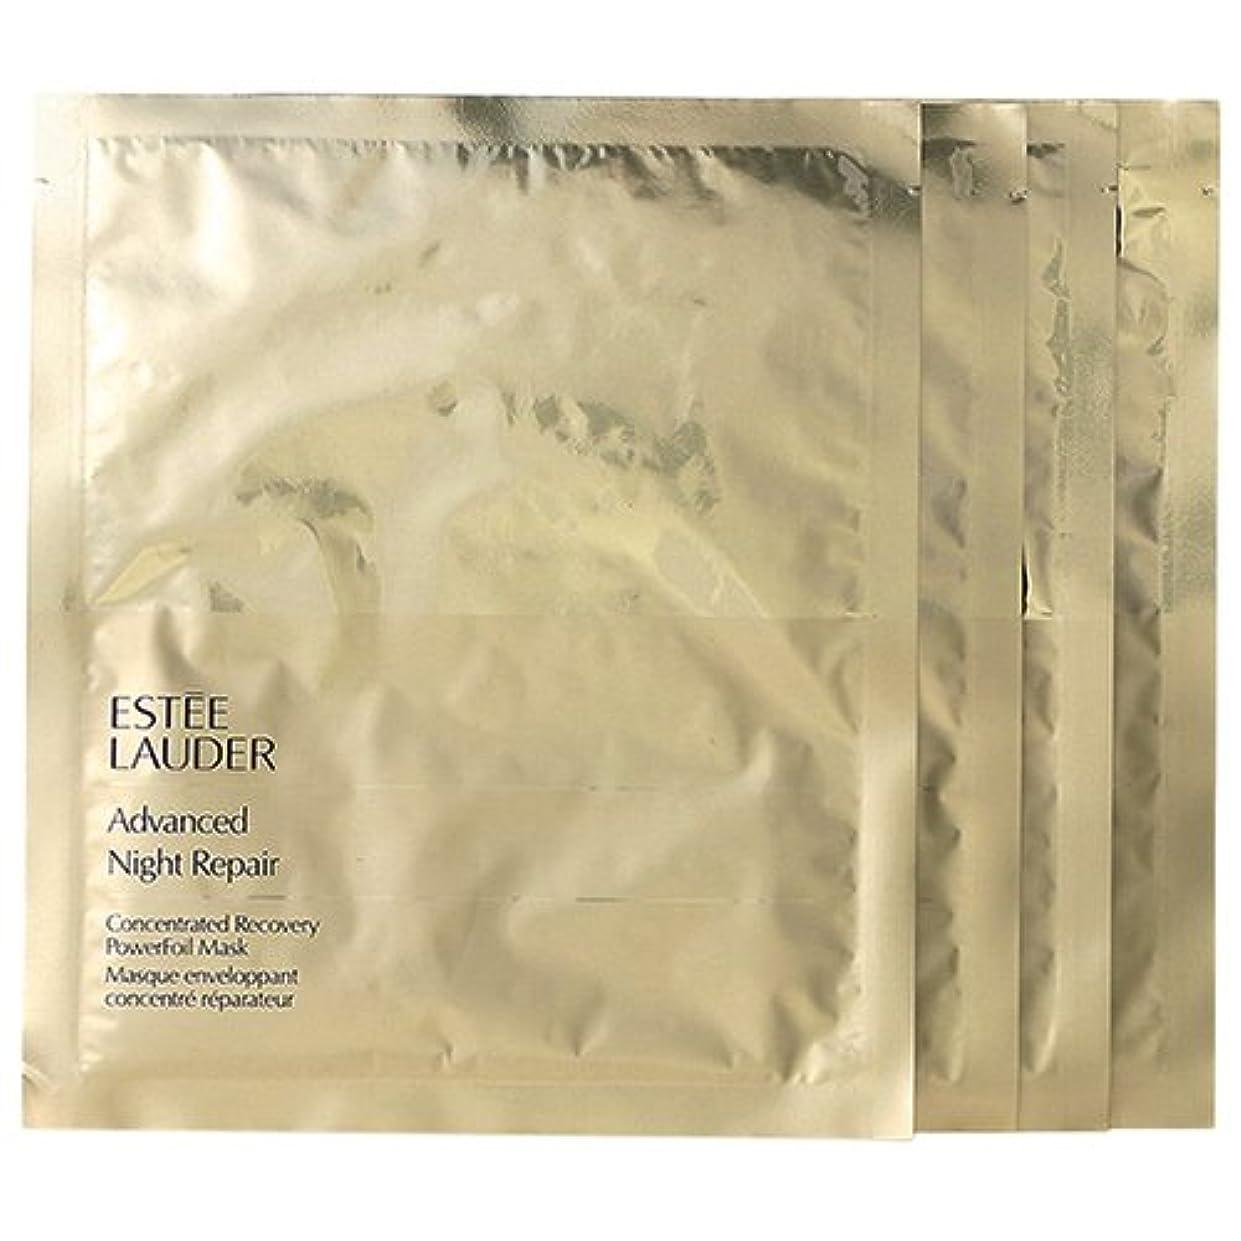 エスティローダー(ESTEE LAUDER) アドバンス ナイト リペア パワーフォイル マスク 4枚入り[並行輸入品]